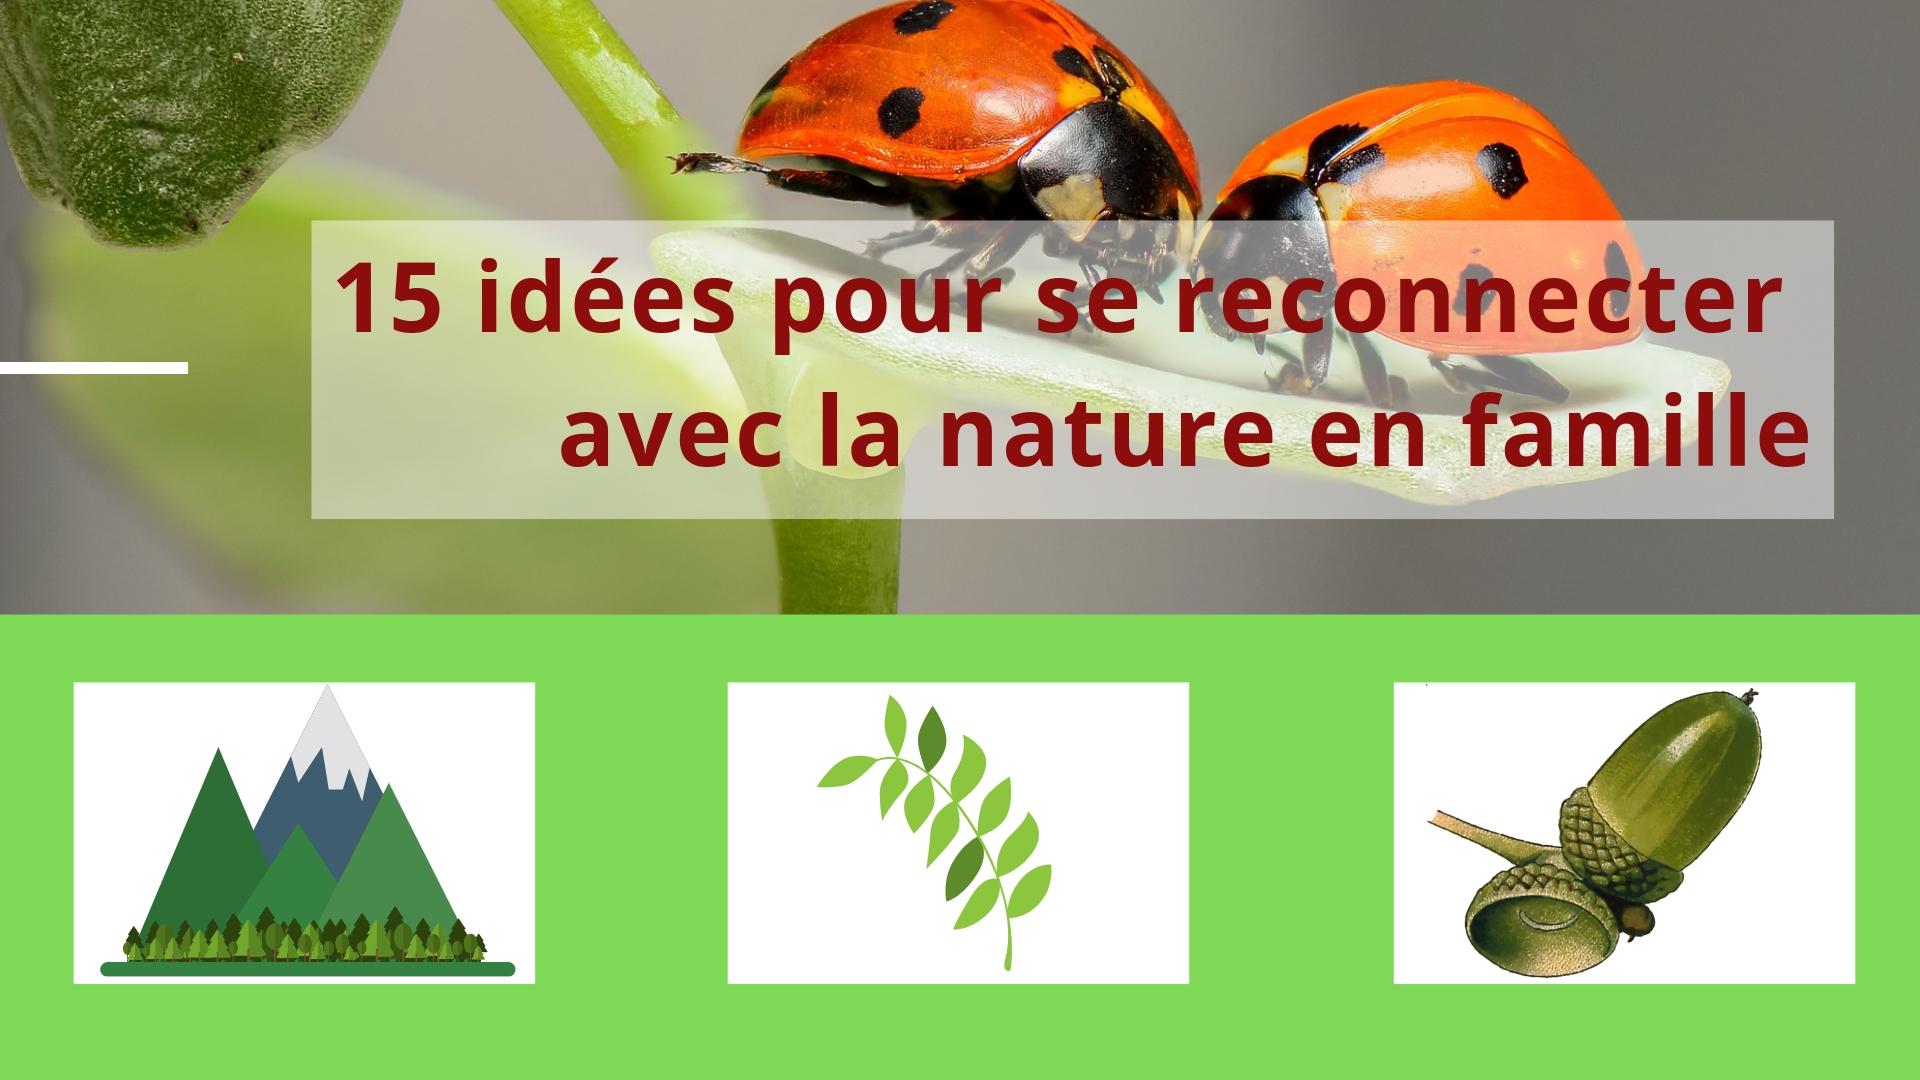 idées pour se reconnecter avec la nature en famille